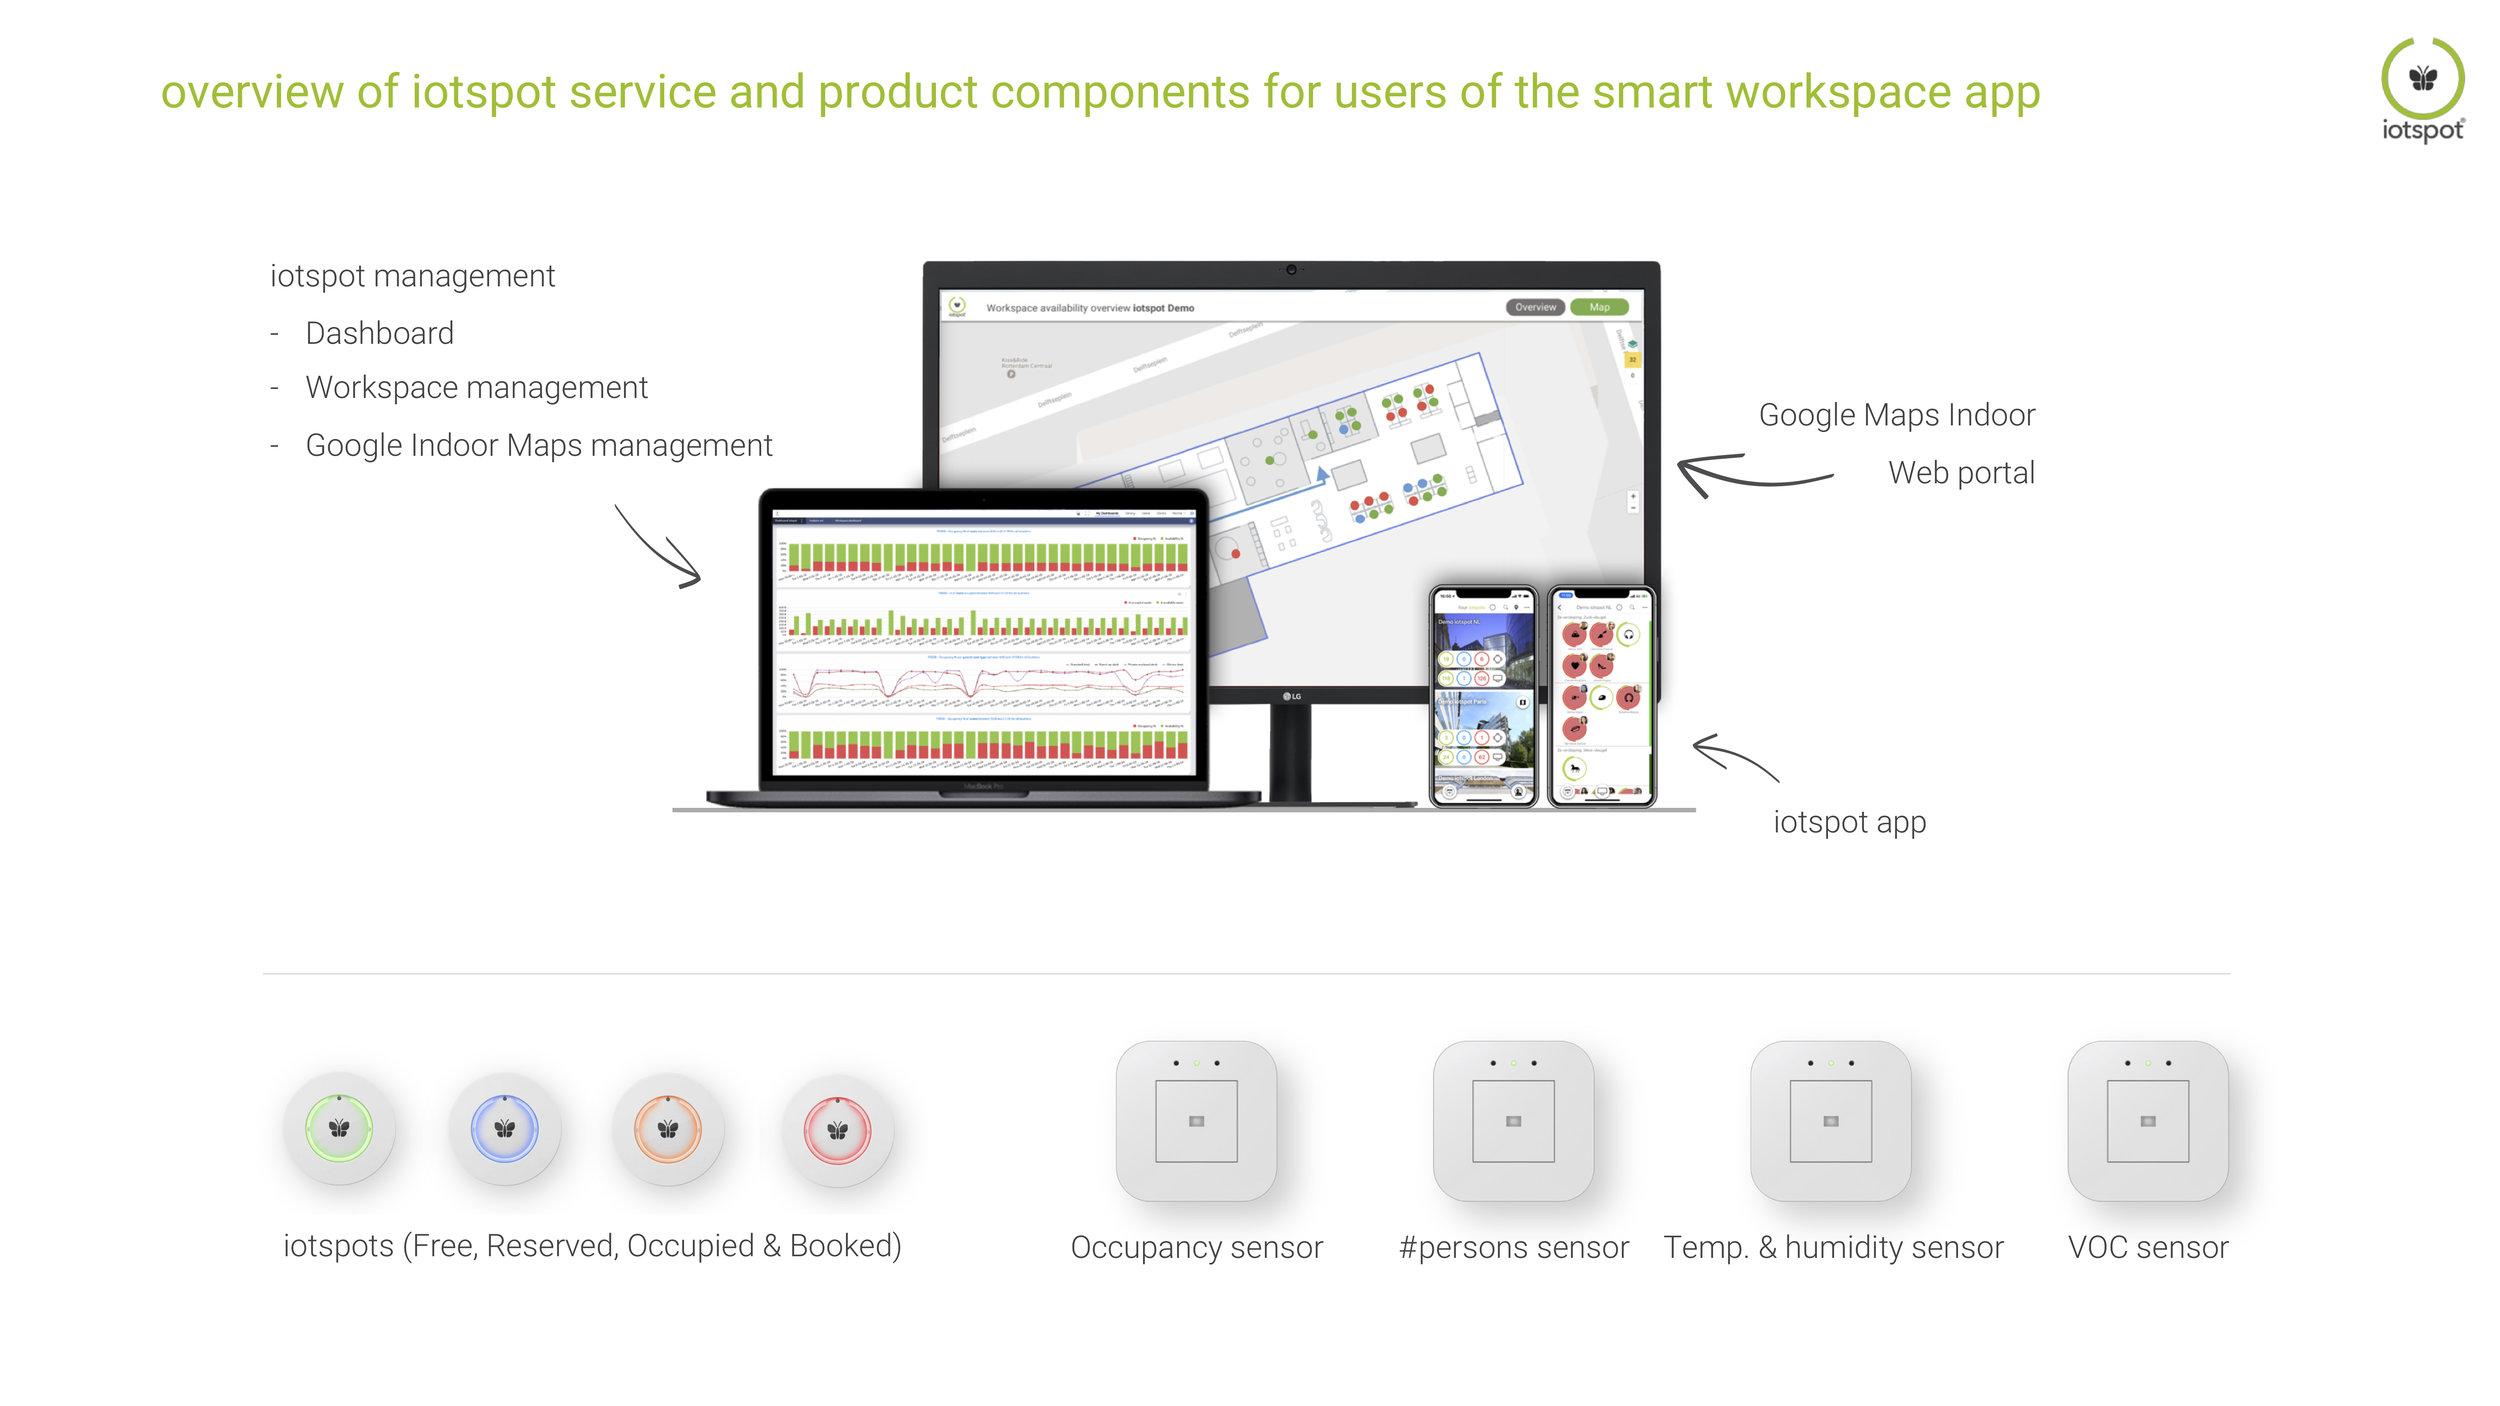 QRG iotspot service components.jpg